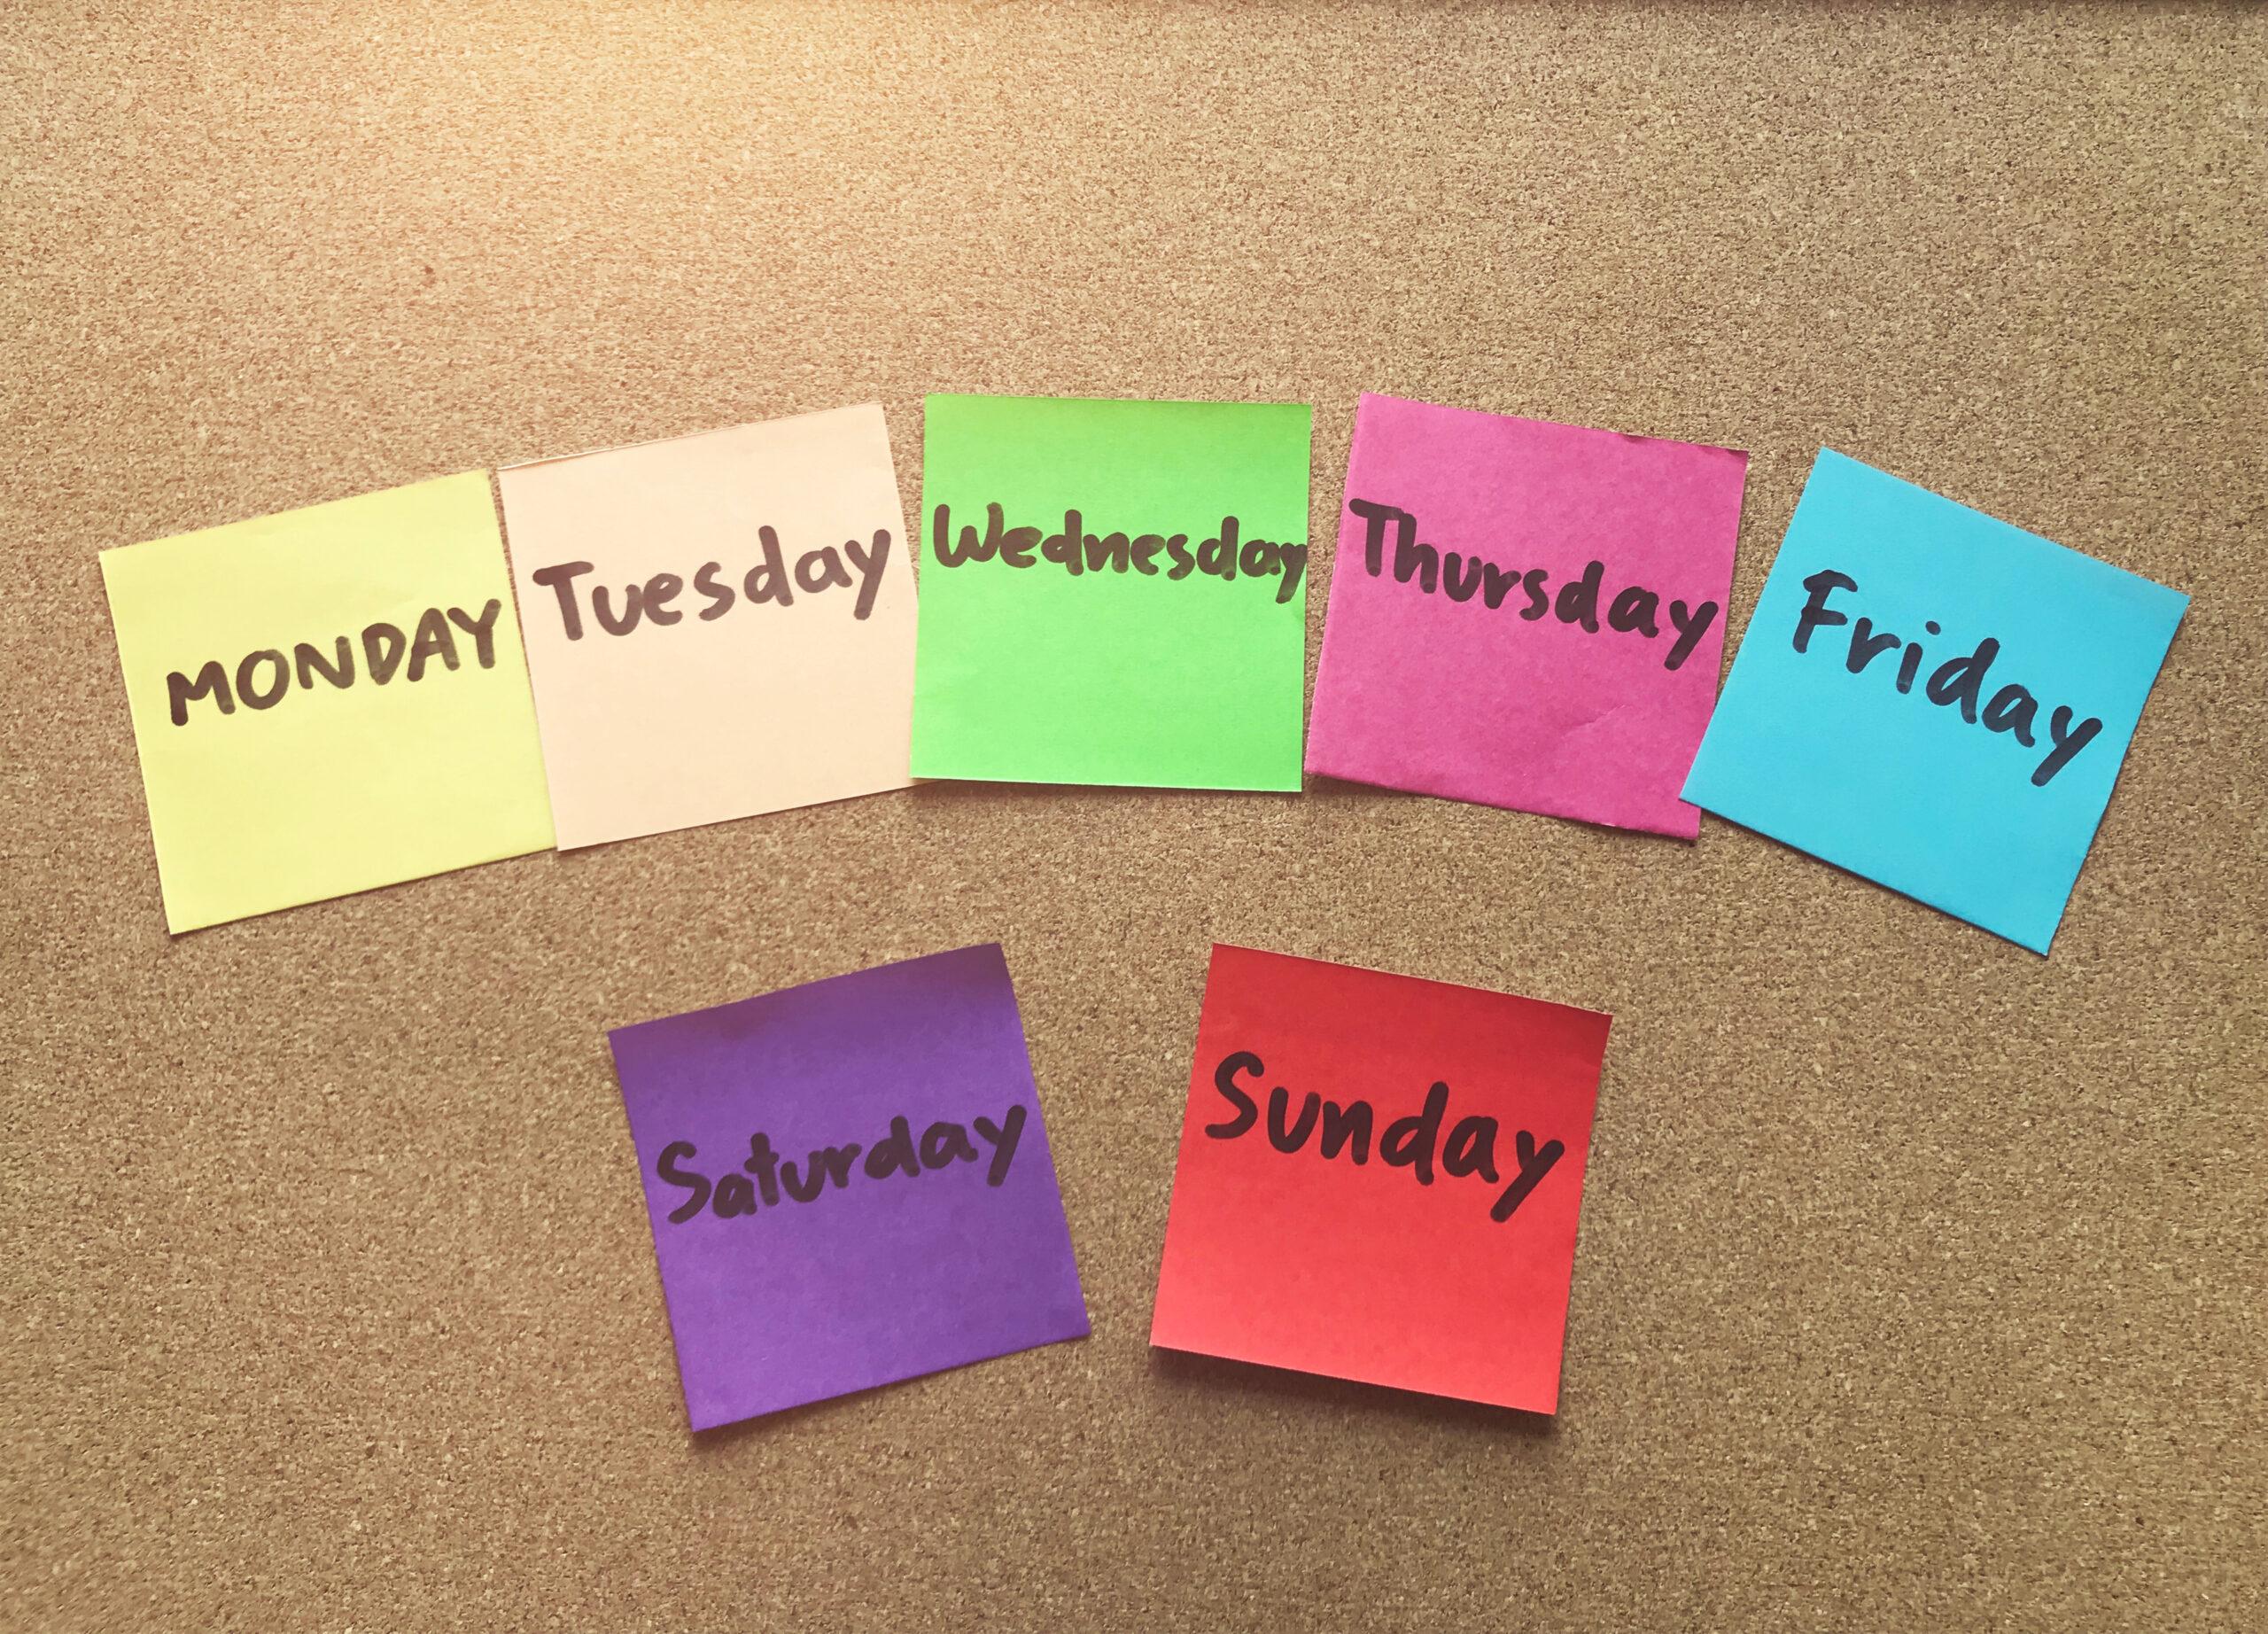 理由3 週のど真ん中が水曜日